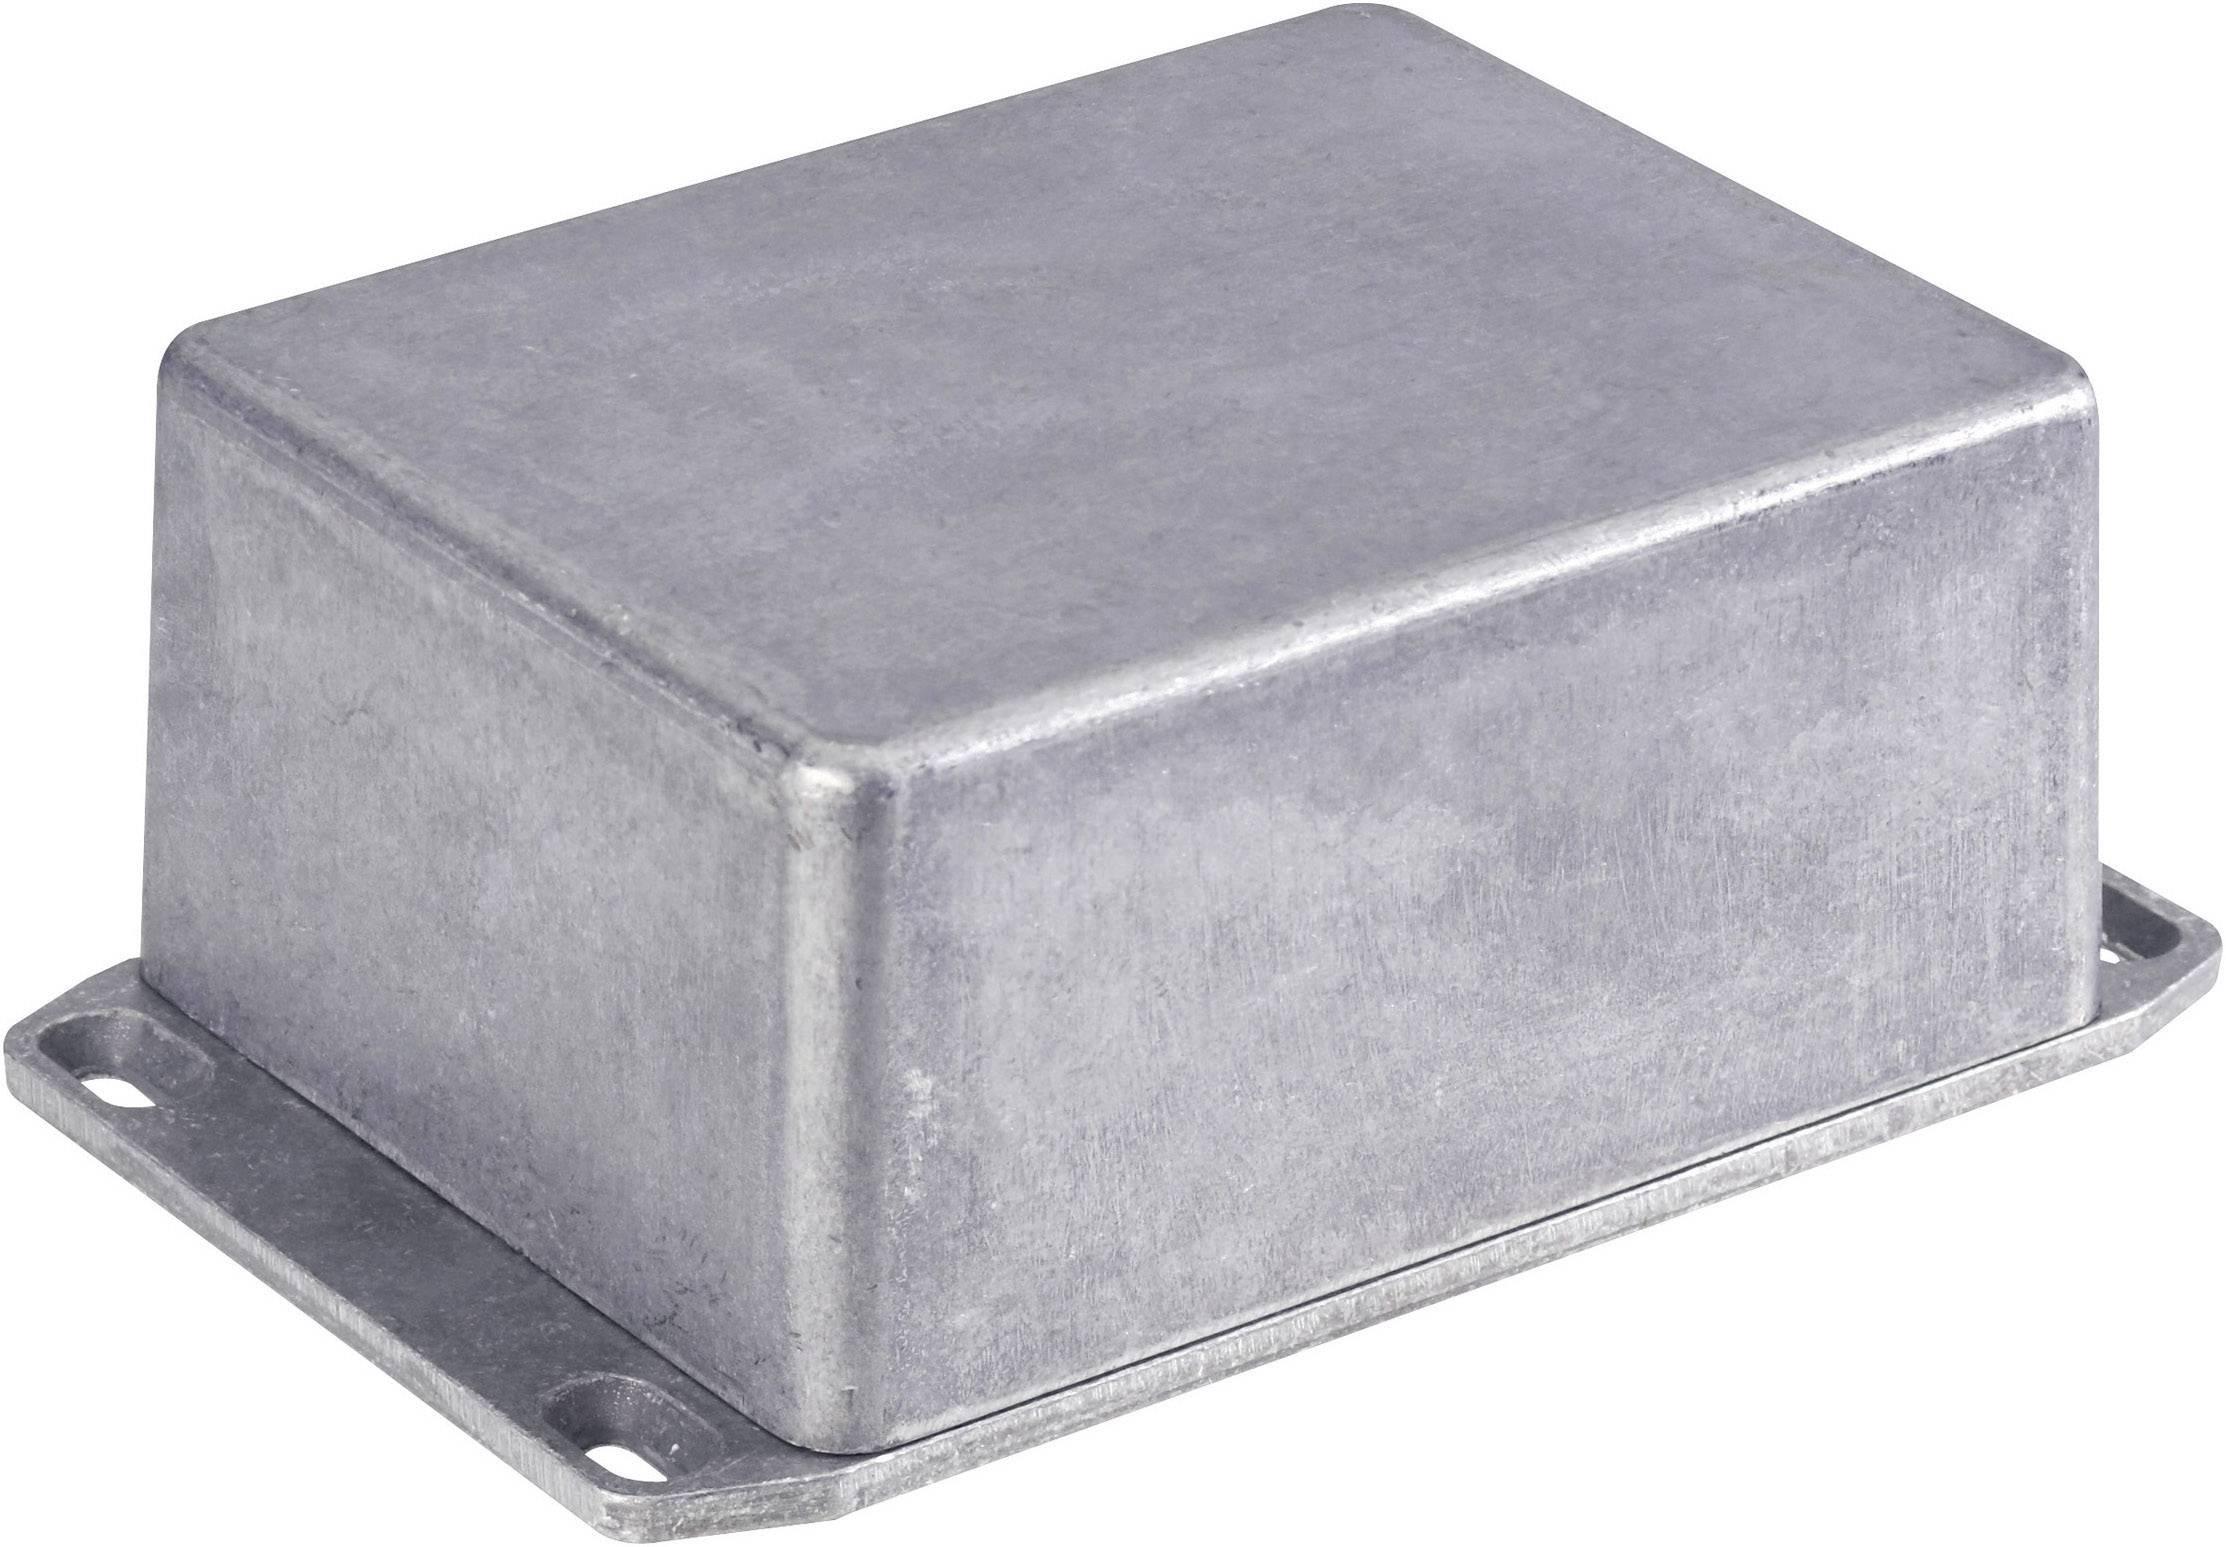 Tlakem lité hliníkové pouzdro Hammond Electronics, (d x š x v) 118,5 x 93,5 x 34 mm, hliníková